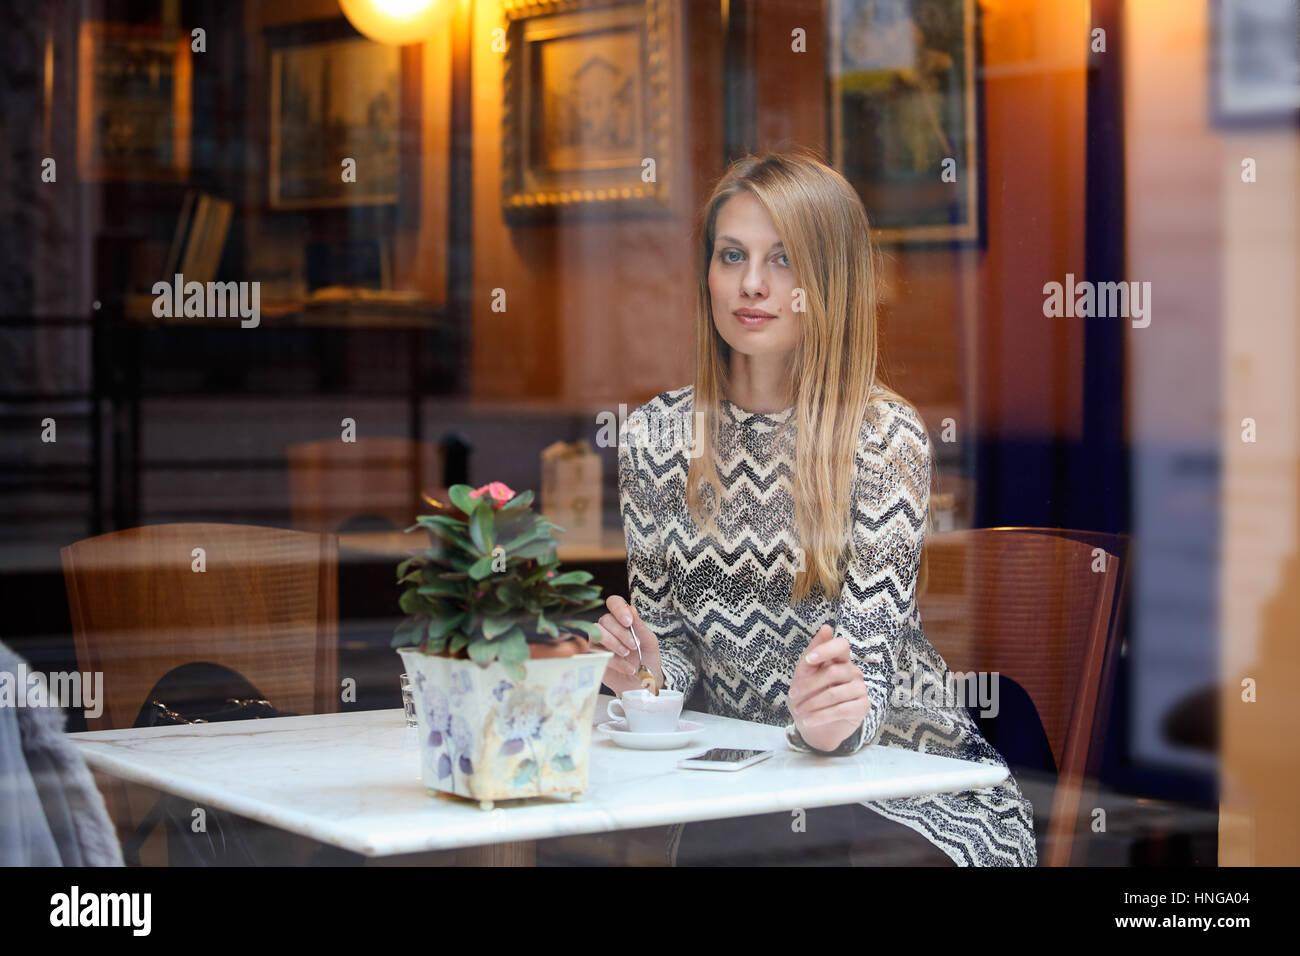 Bellissima ed elegante donna in una città elegante cafe. Uno stile di vita urbano Immagini Stock